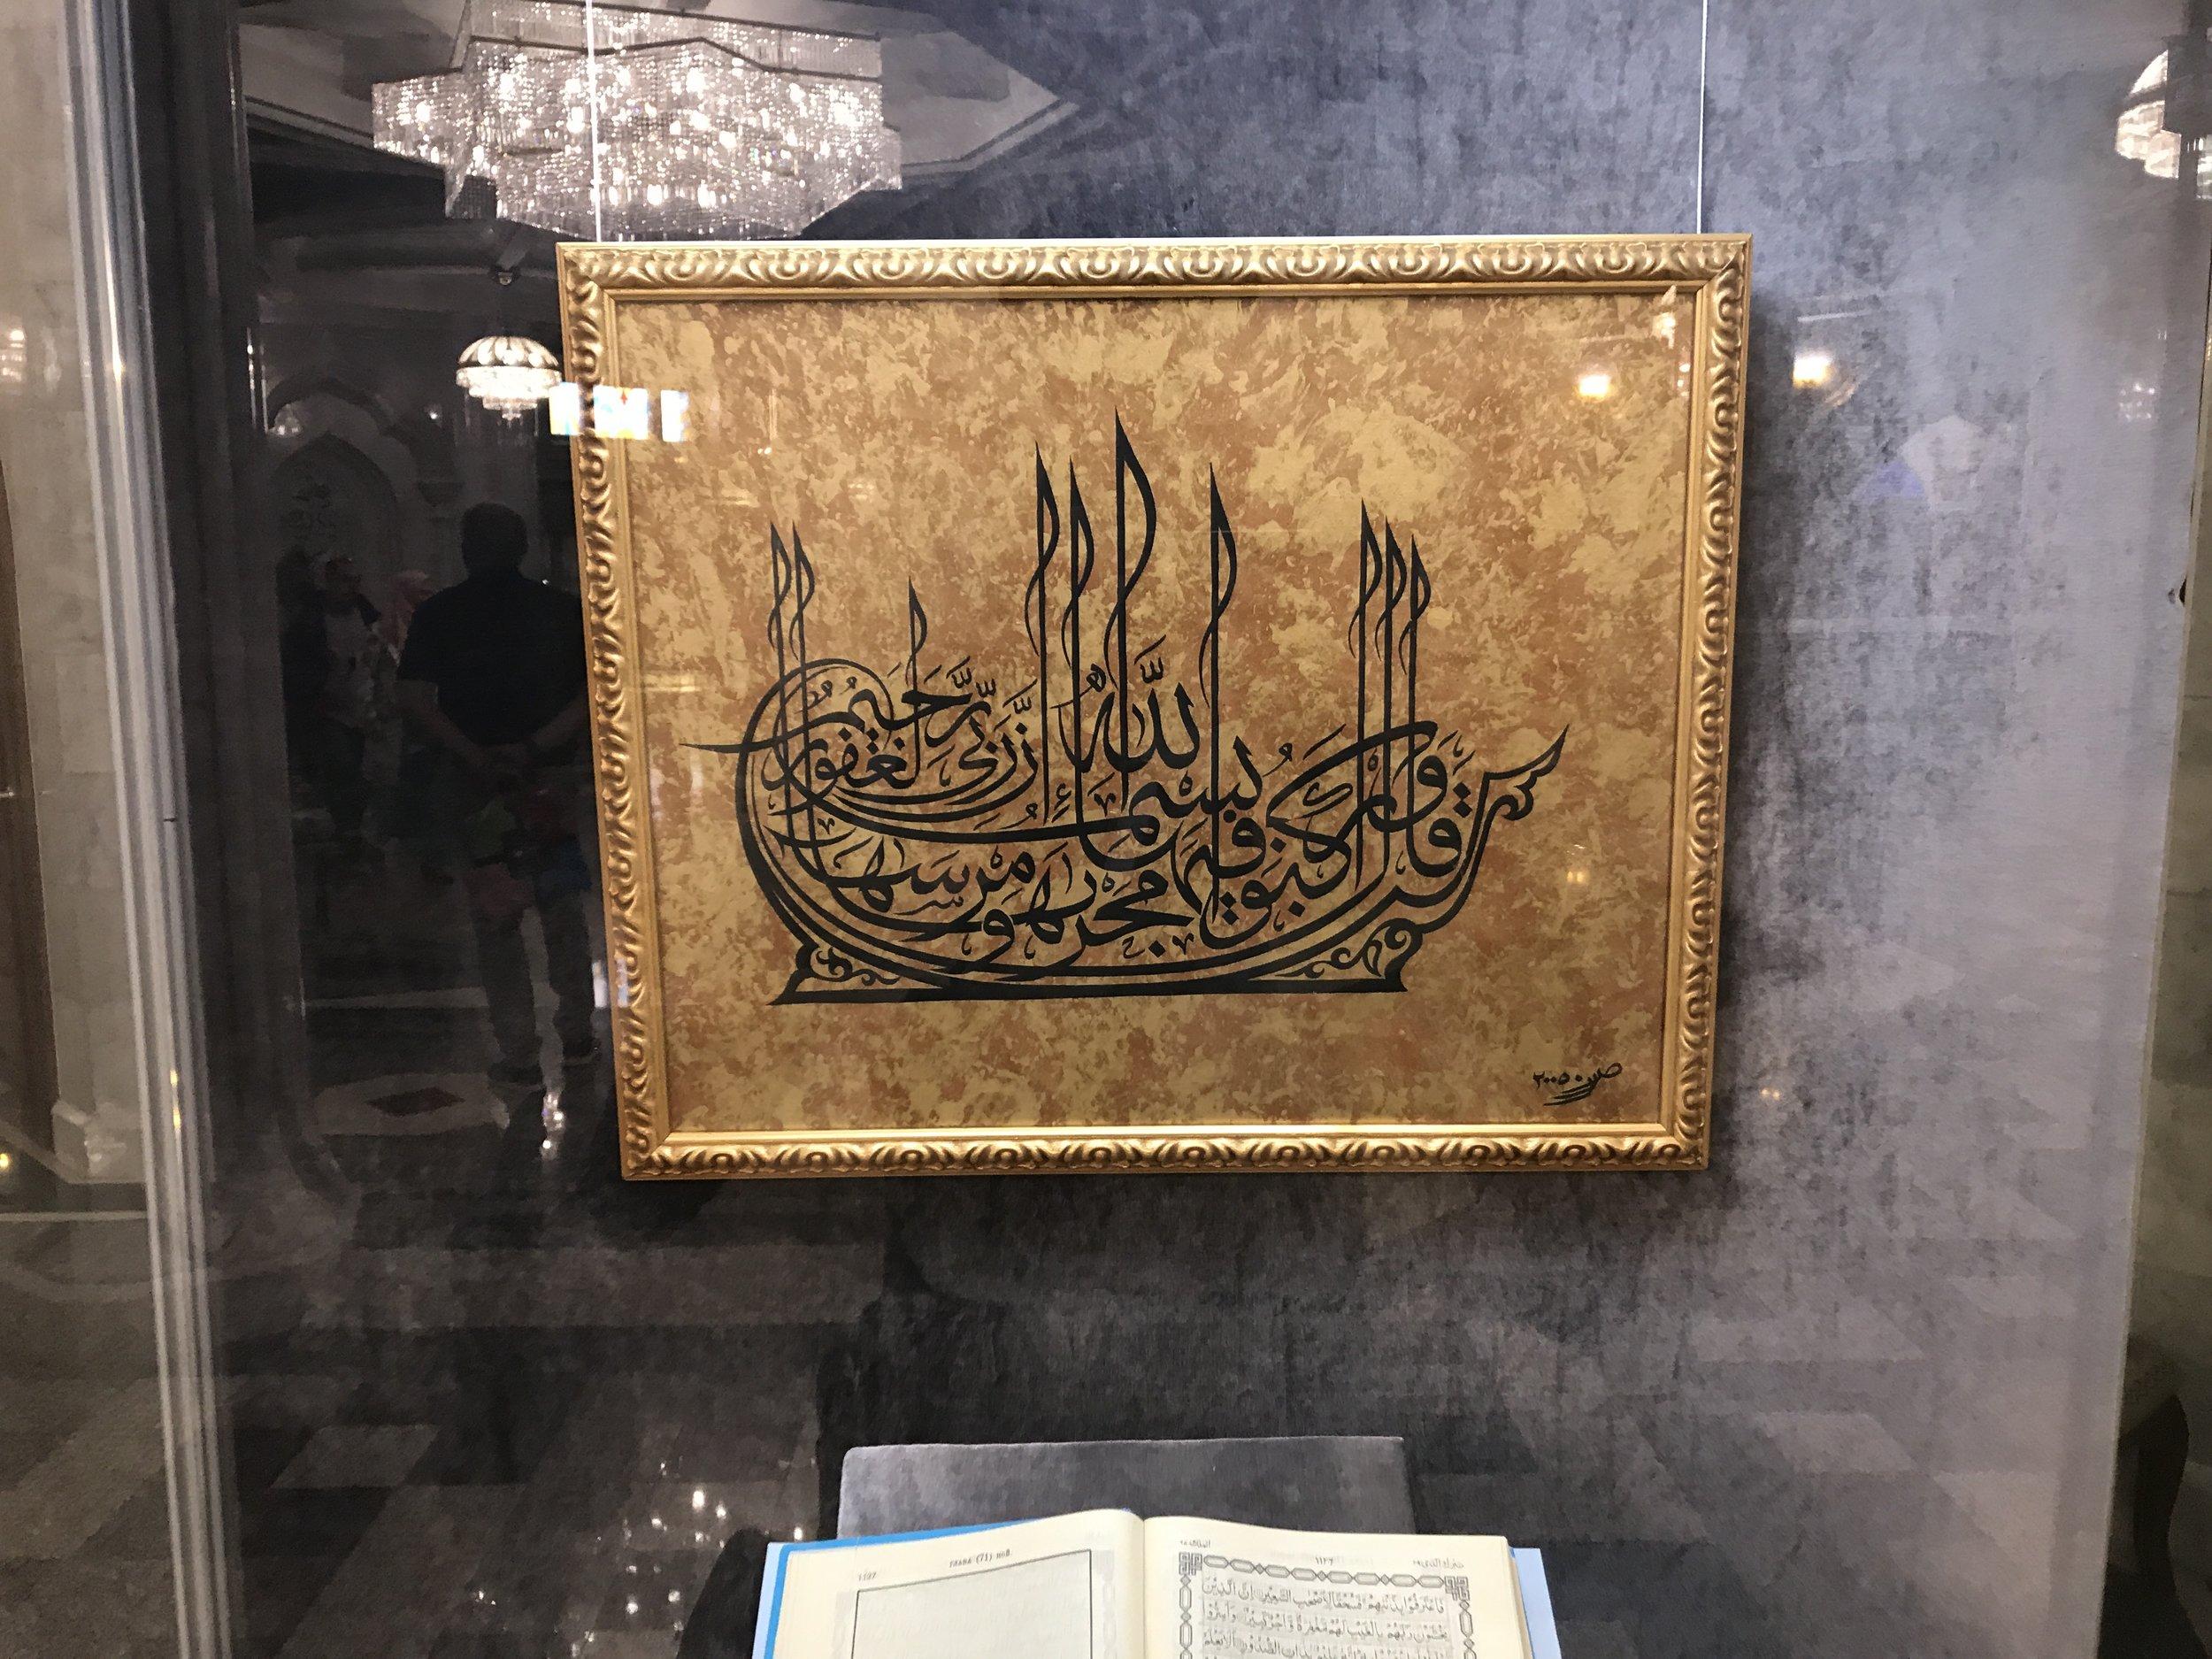 لوحة كتب عليها آية قرآنية